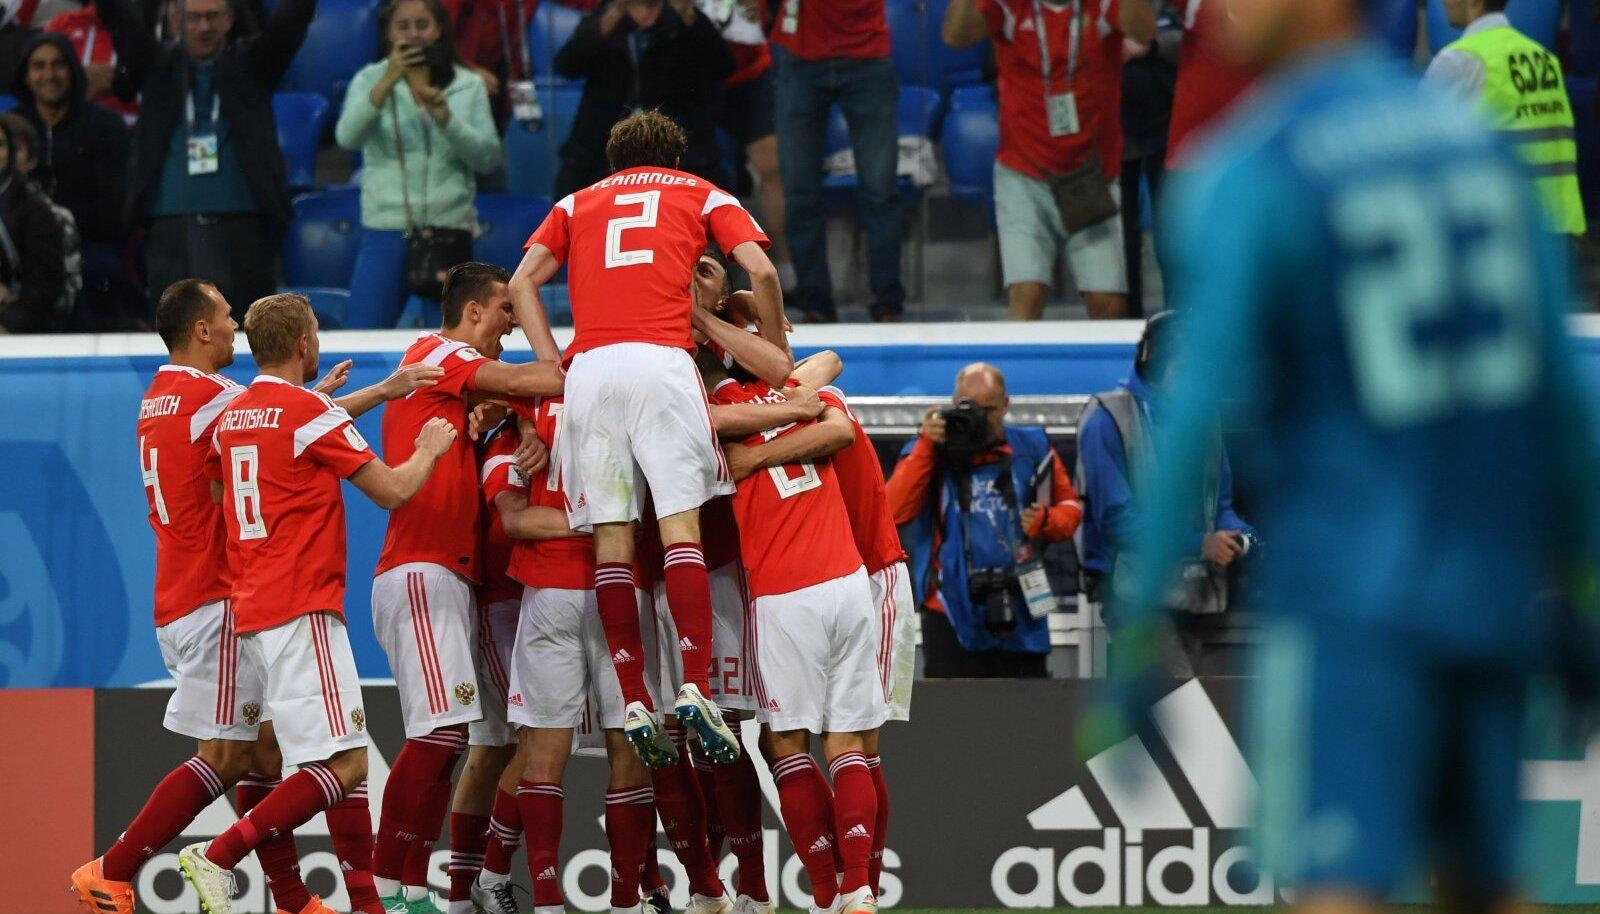 Venemaa jalgpallurid